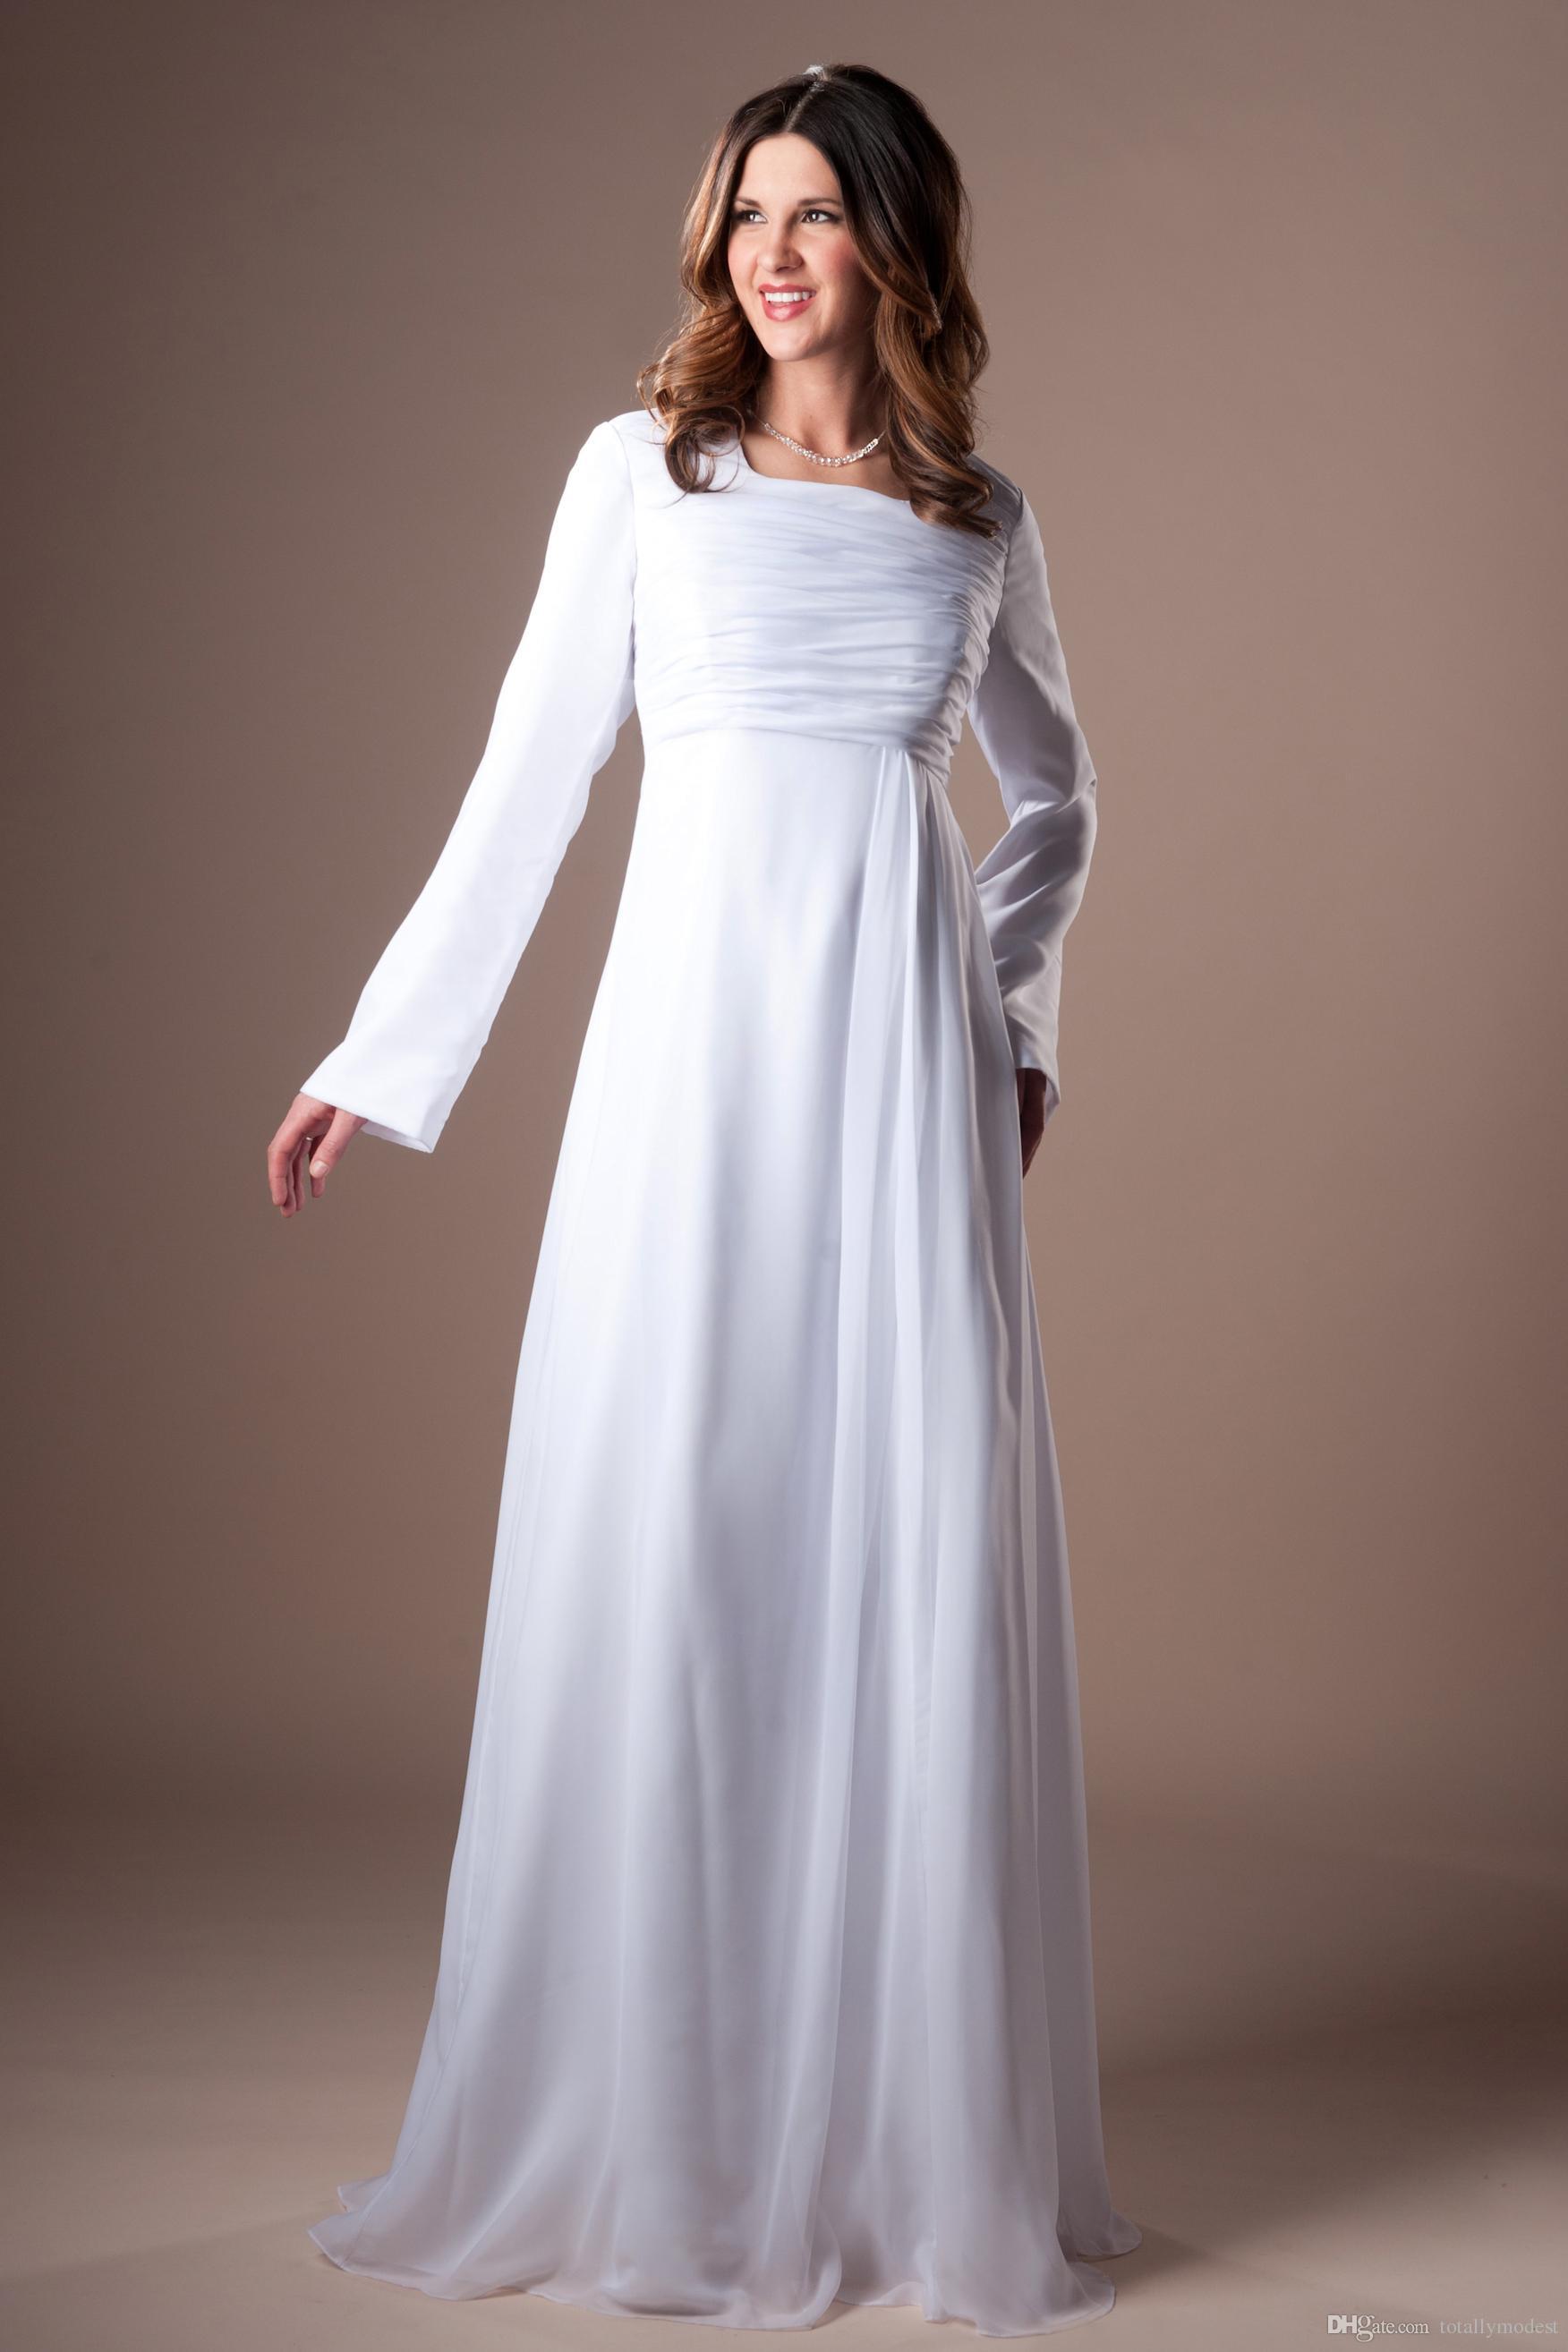 Long Sleeves와 긴 비공식시 폰 겸손한 웨딩 드레스는 비공식적 인 해변 사원 신부 가운 흰색 바닥 길이 리셉션 가운을 파헤 치다